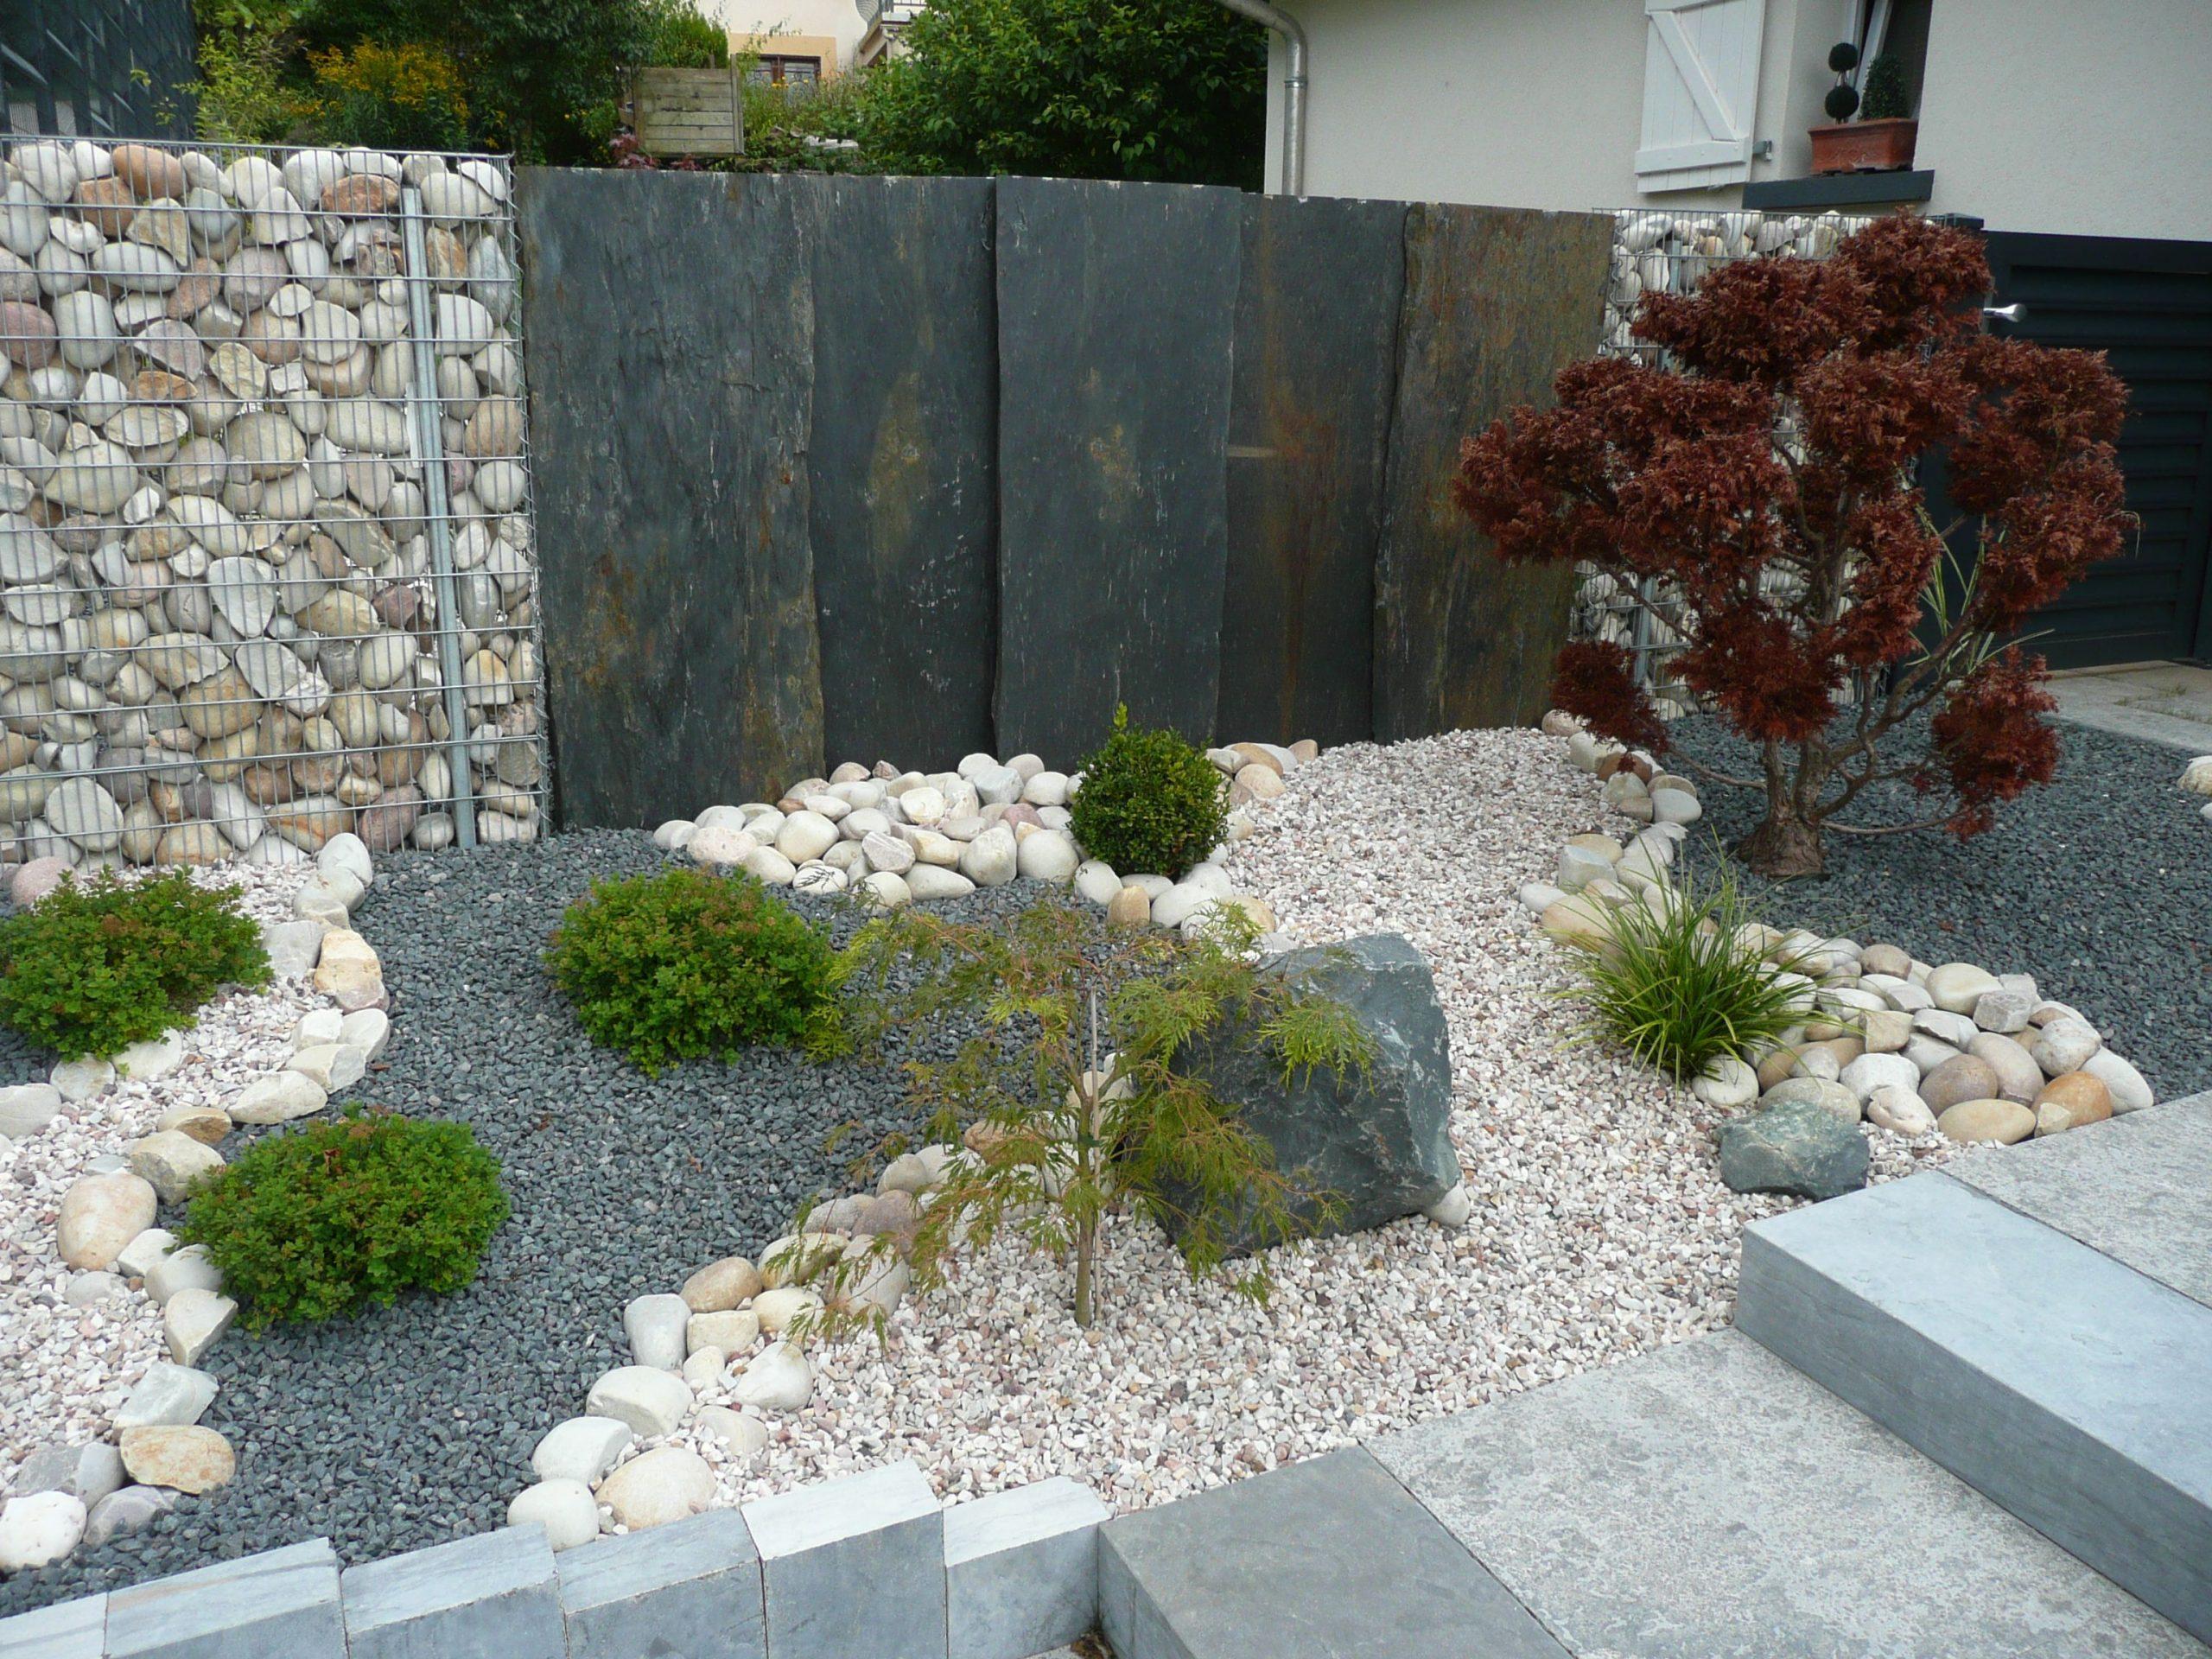 Jardin Minéral Et Végétal | Jardin Minéral | Aménagement ... concernant Caillou Pour Jardin